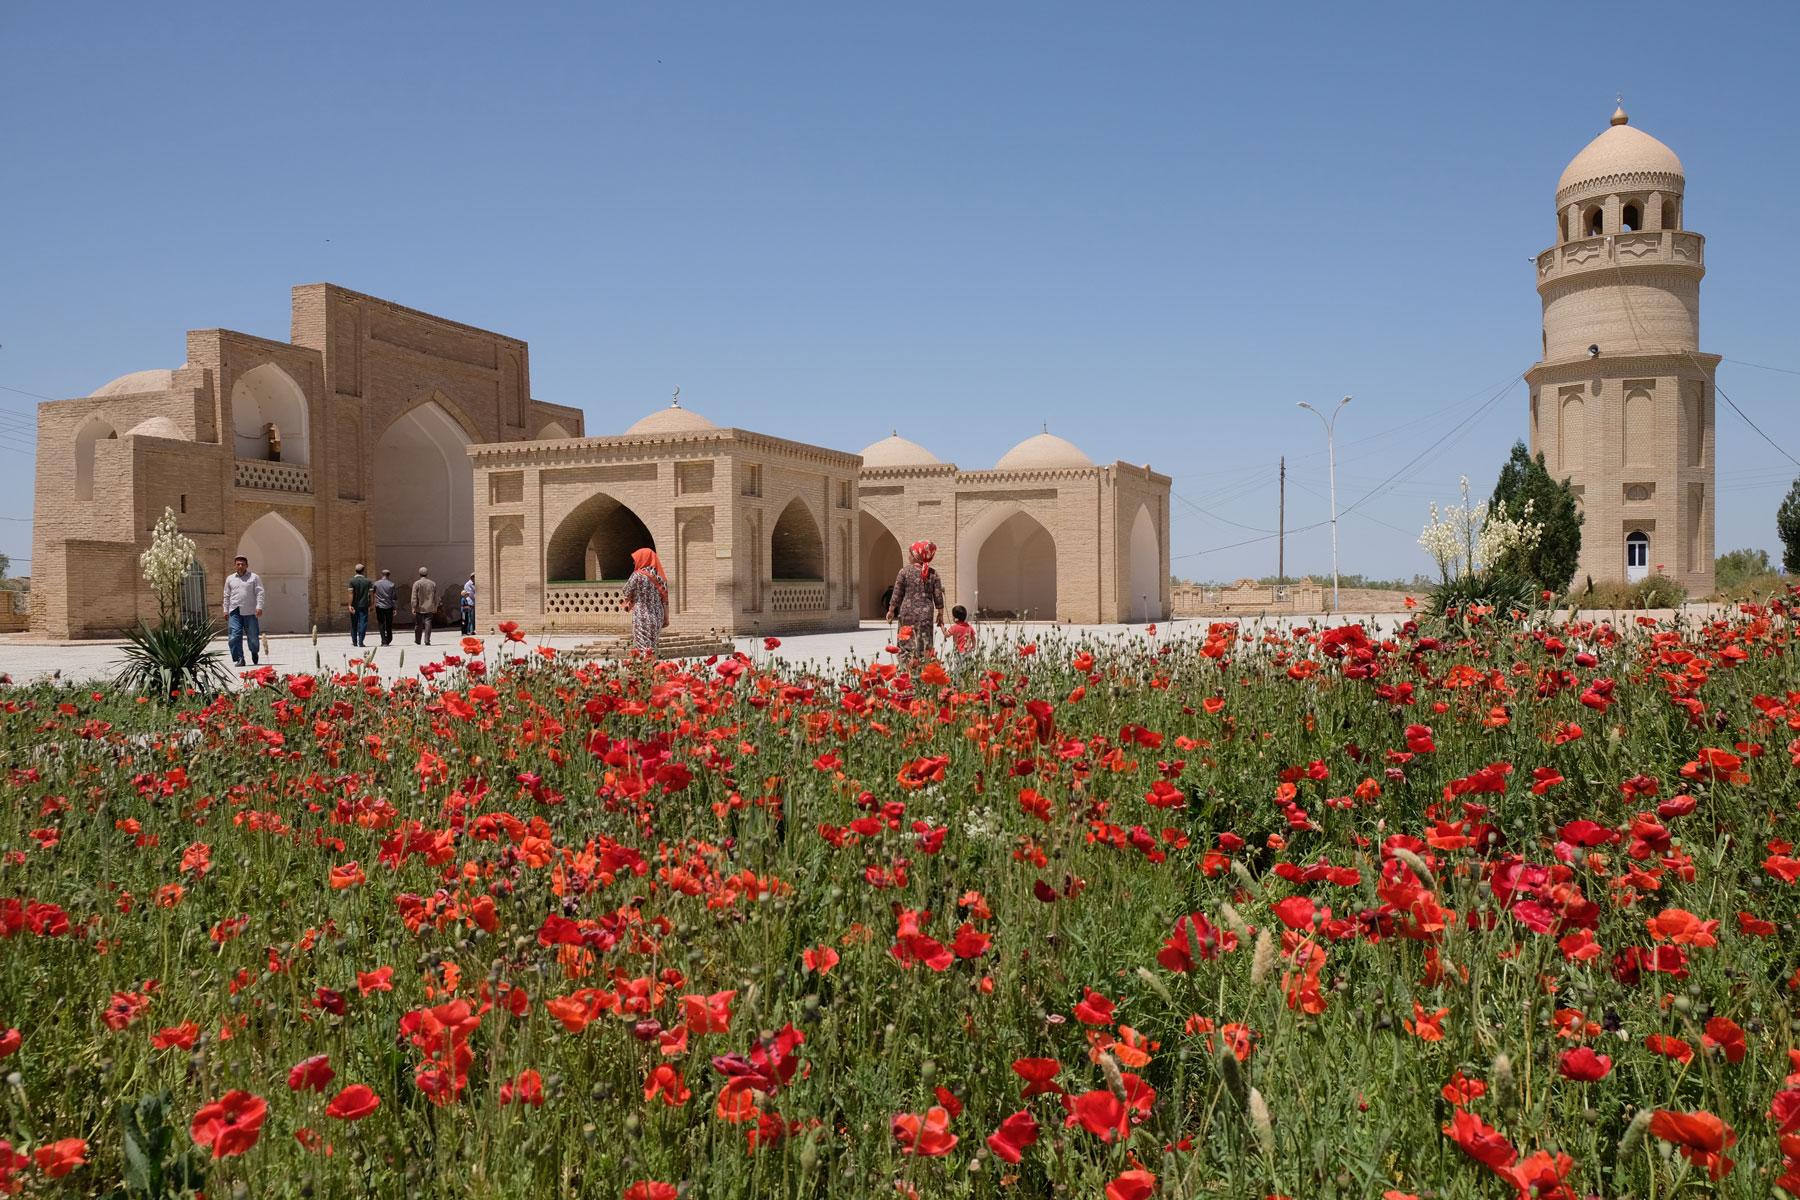 Mausoleum und eine Wiese voll Klatschmohn